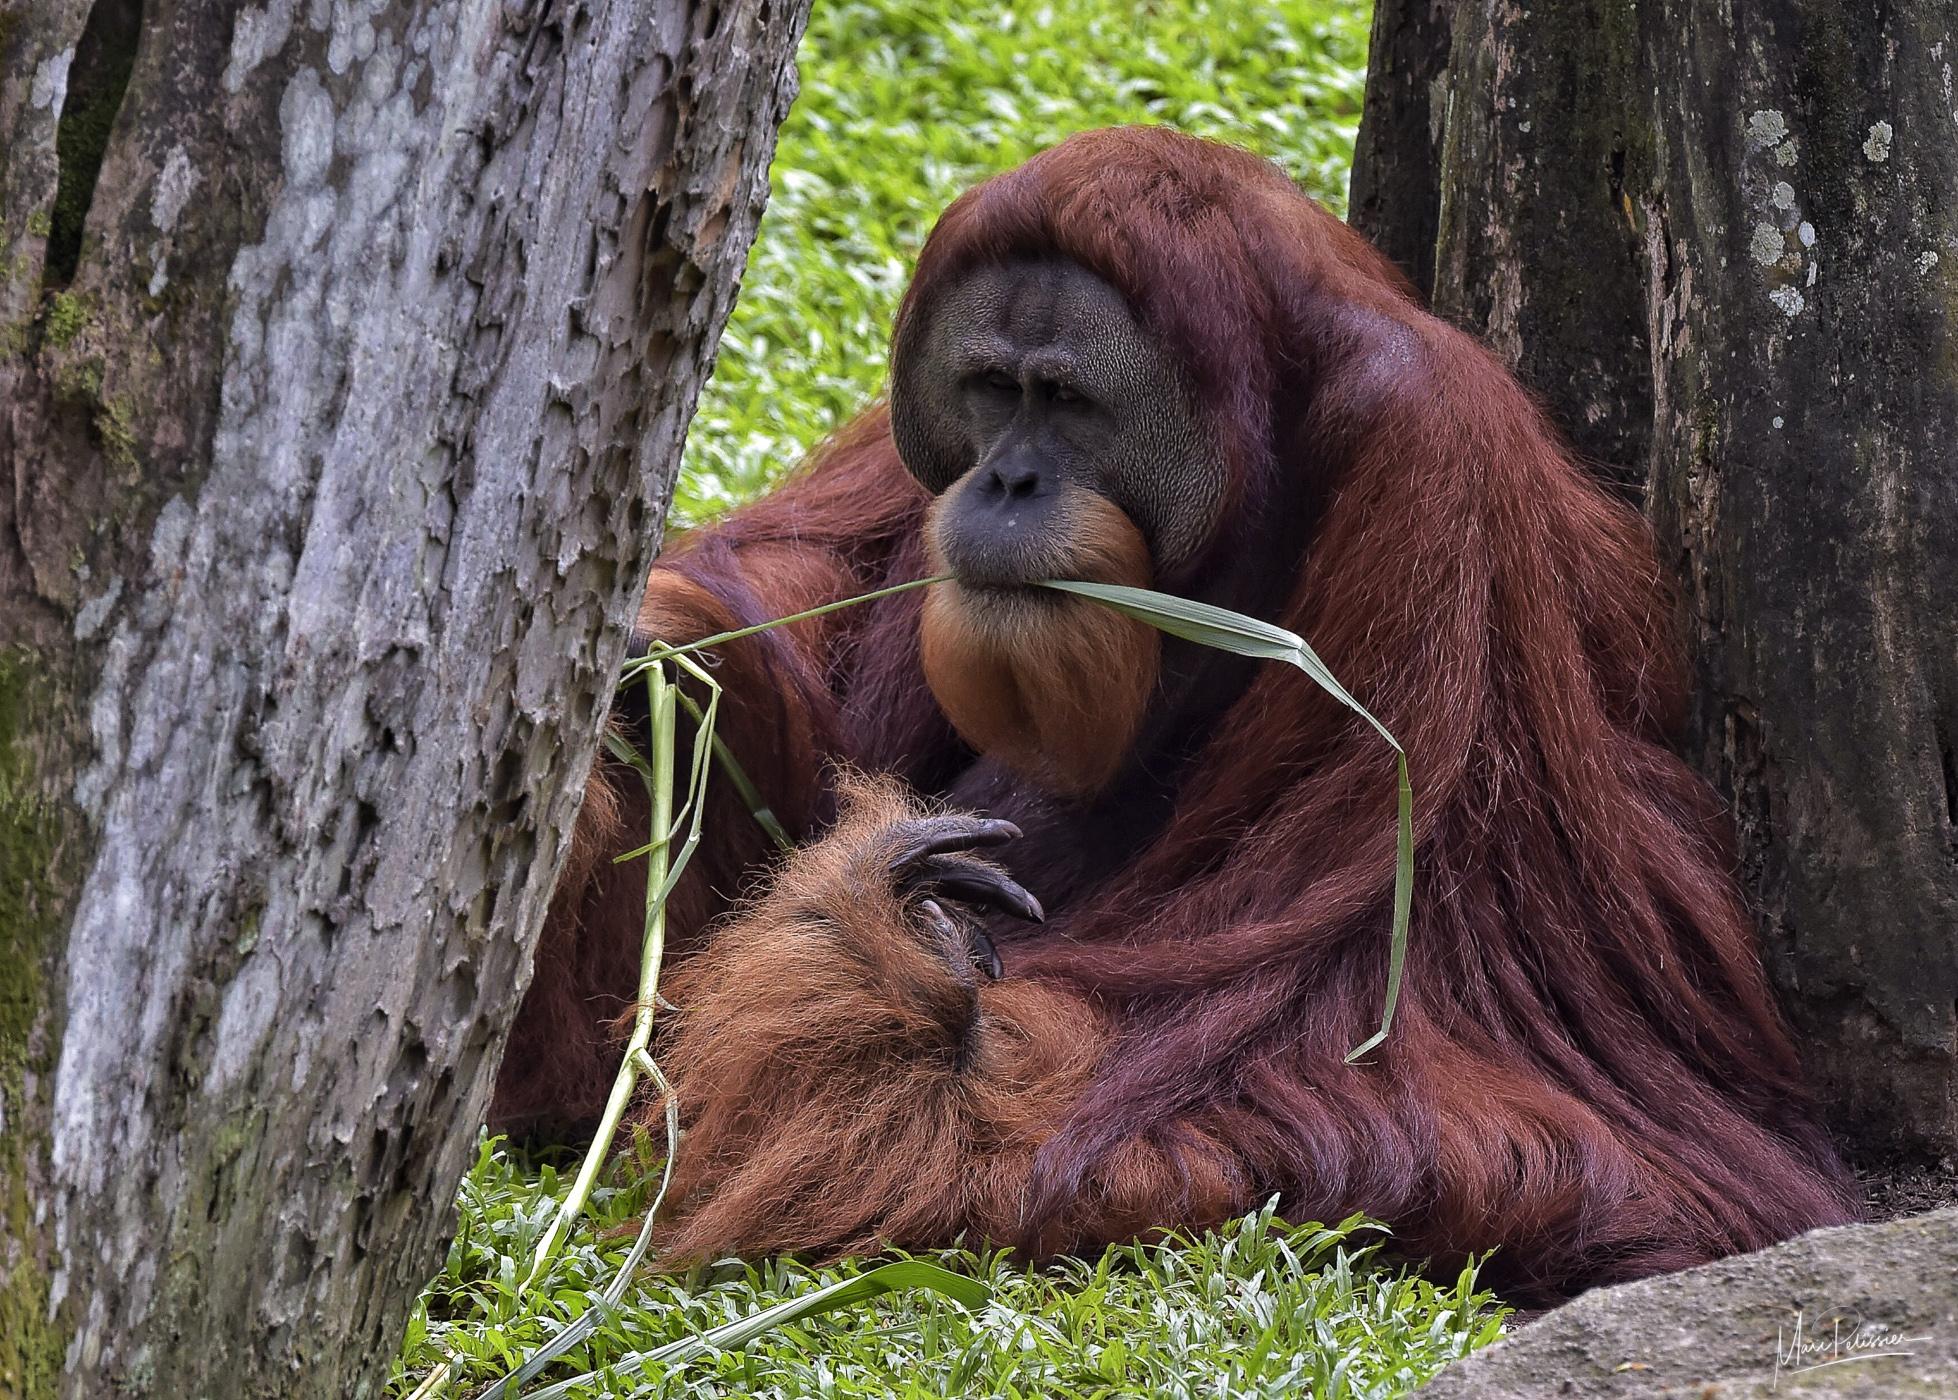 Singapore zoo - monkey section, Singapore